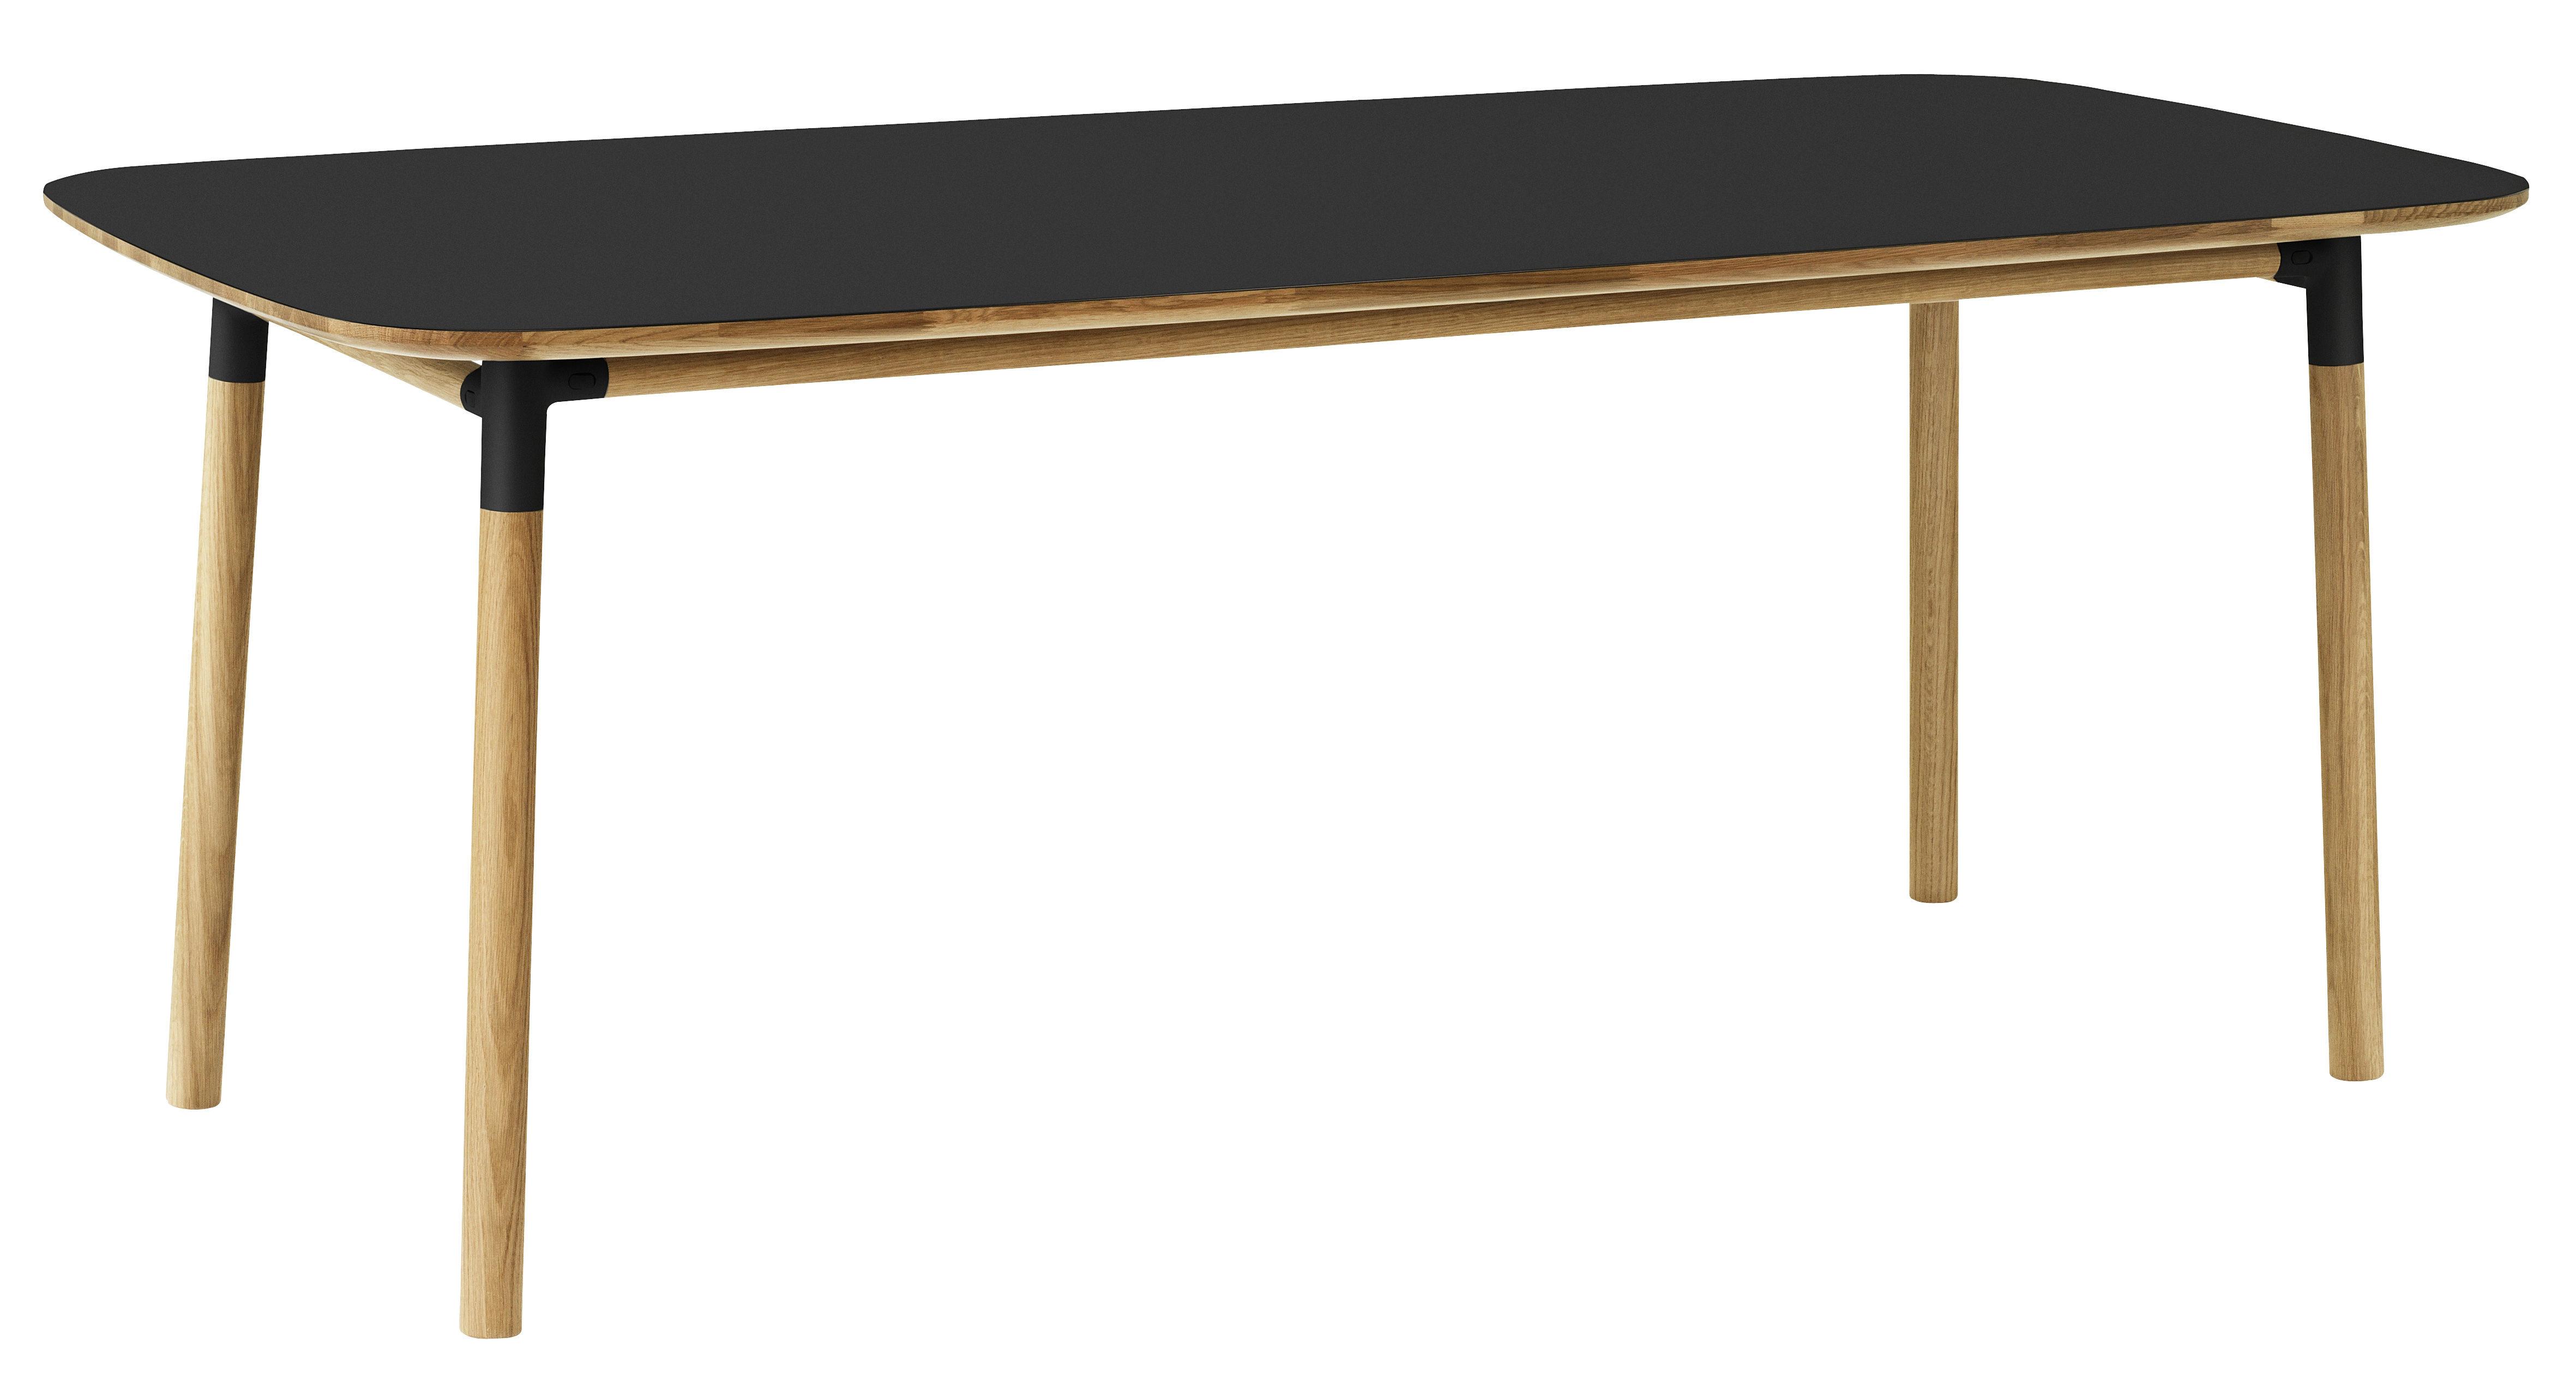 Möbel - Tische - Form rechteckiger Tisch / 95 x 200 cm - Normann Copenhagen - Schwarz / Eiche - Eiche, Linoleum, Polypropylen